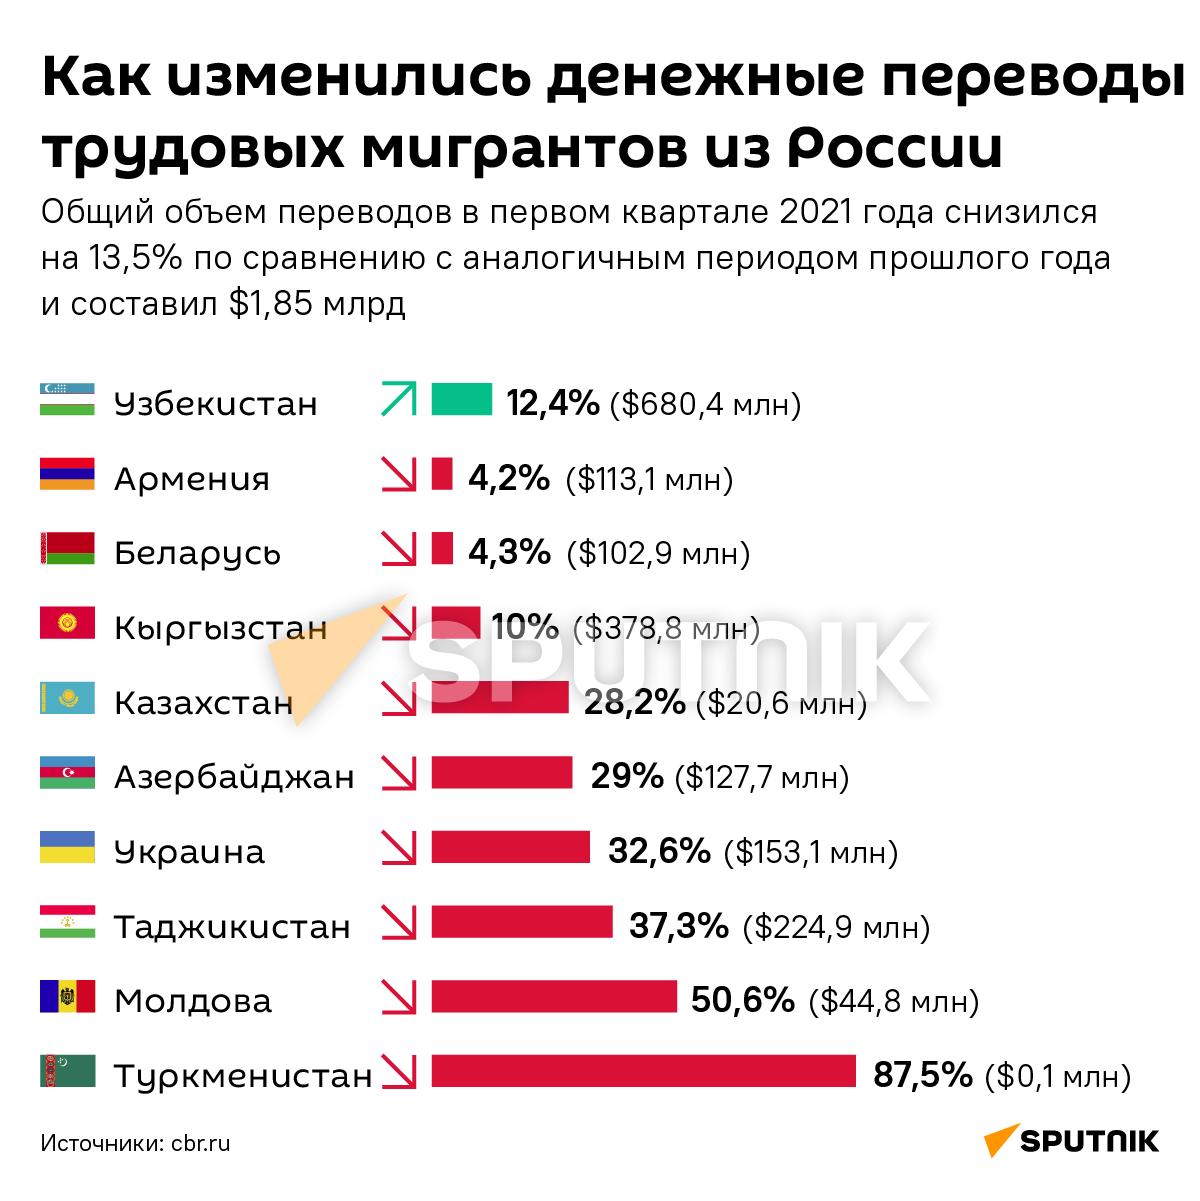 Денежные переводы из России в страны СНГ в 2021 году - чем удивил Узбекистан - Sputnik Узбекистан